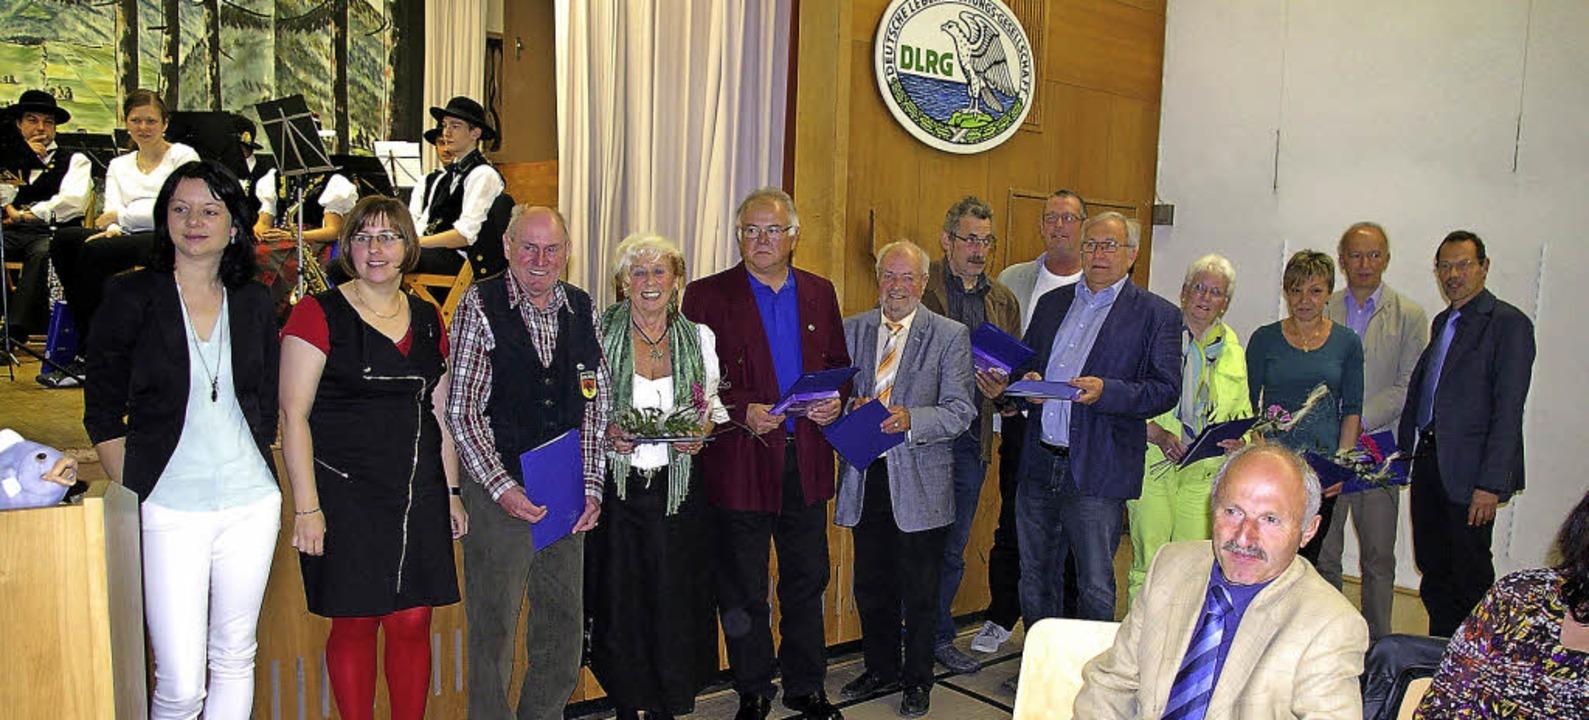 Annette Häringer und Heike Kuhn ehrten...würdigte das Engagement der Geehrten.   | Foto: Ernst Hubert Bilke